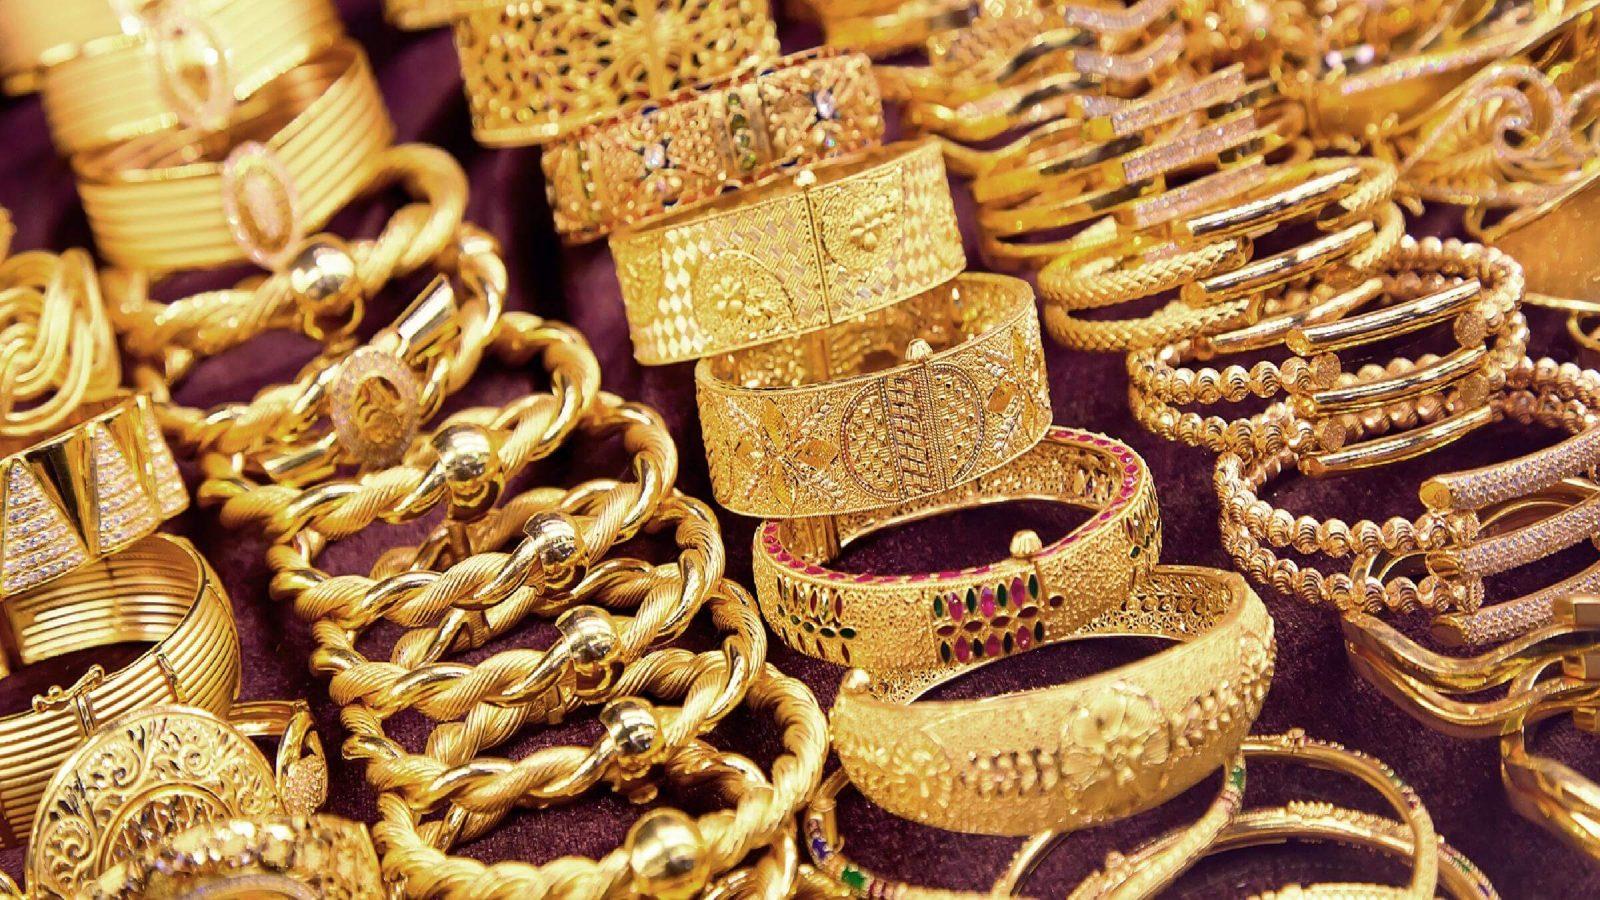 أسعار الذهب في مصر اليوم 20-2-2020 واستقرار عيار 21 - جريدة المال